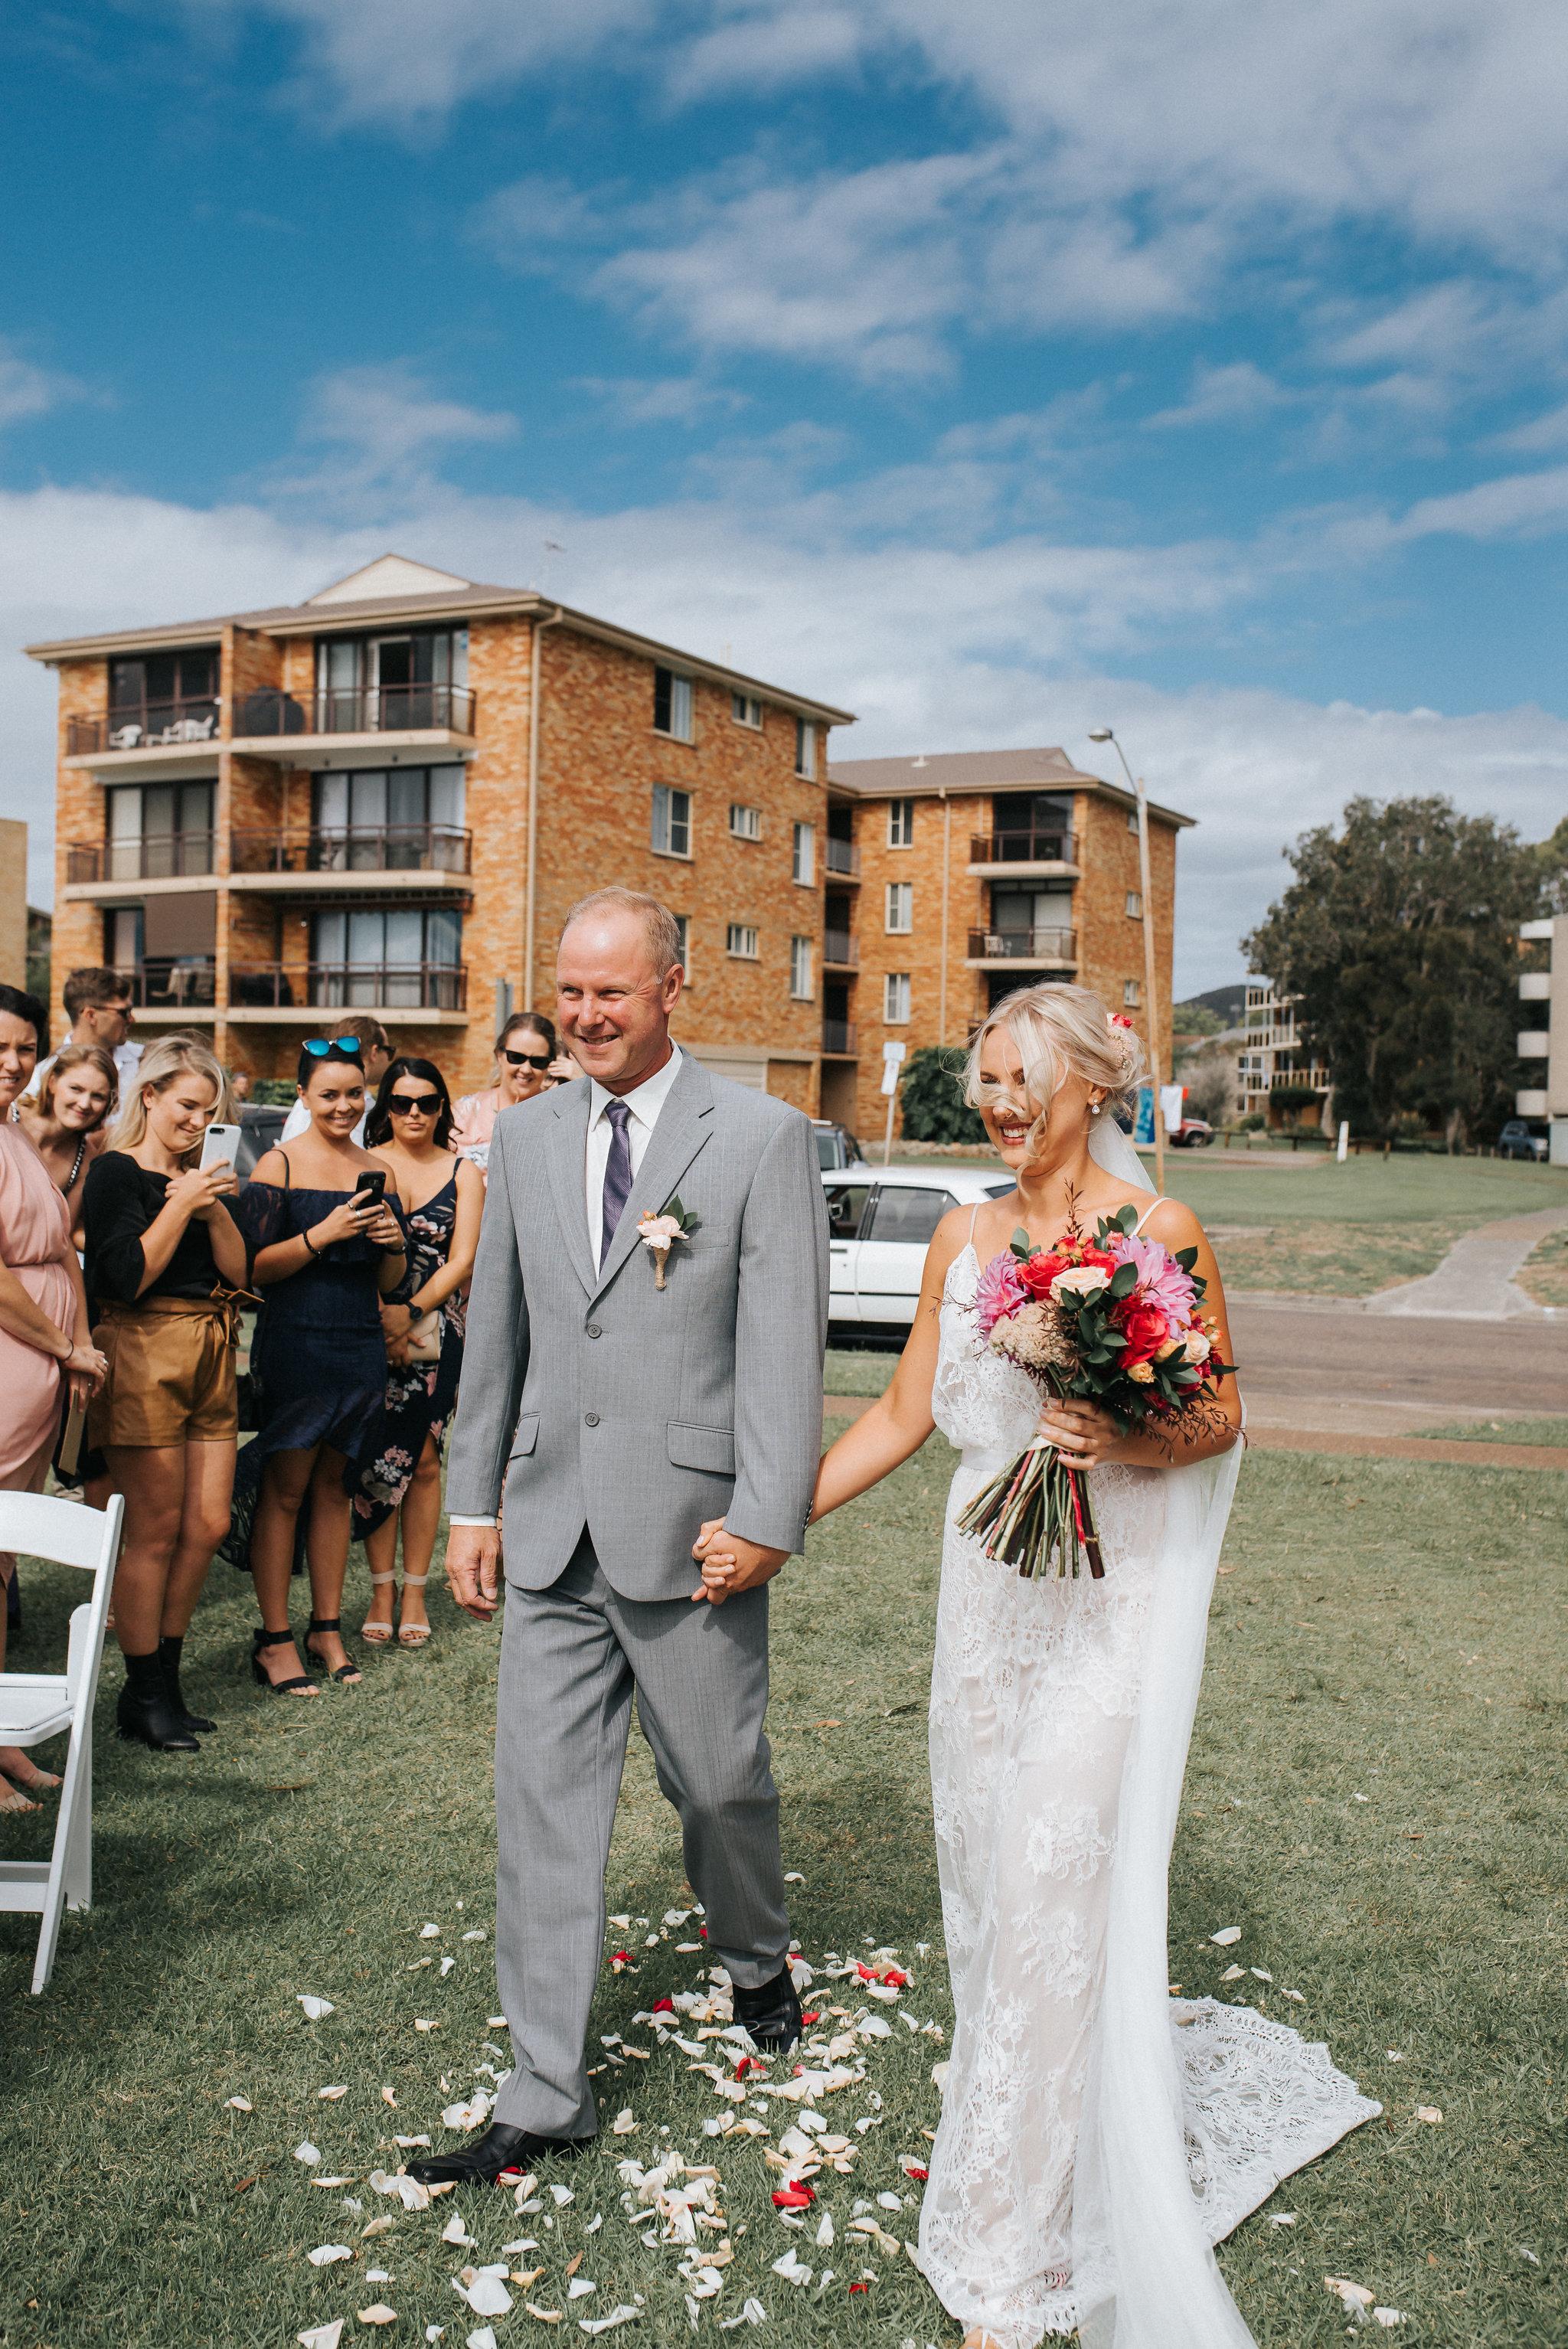 LITTLE-BEACH-WEDDING-MARCHANT-369.jpg